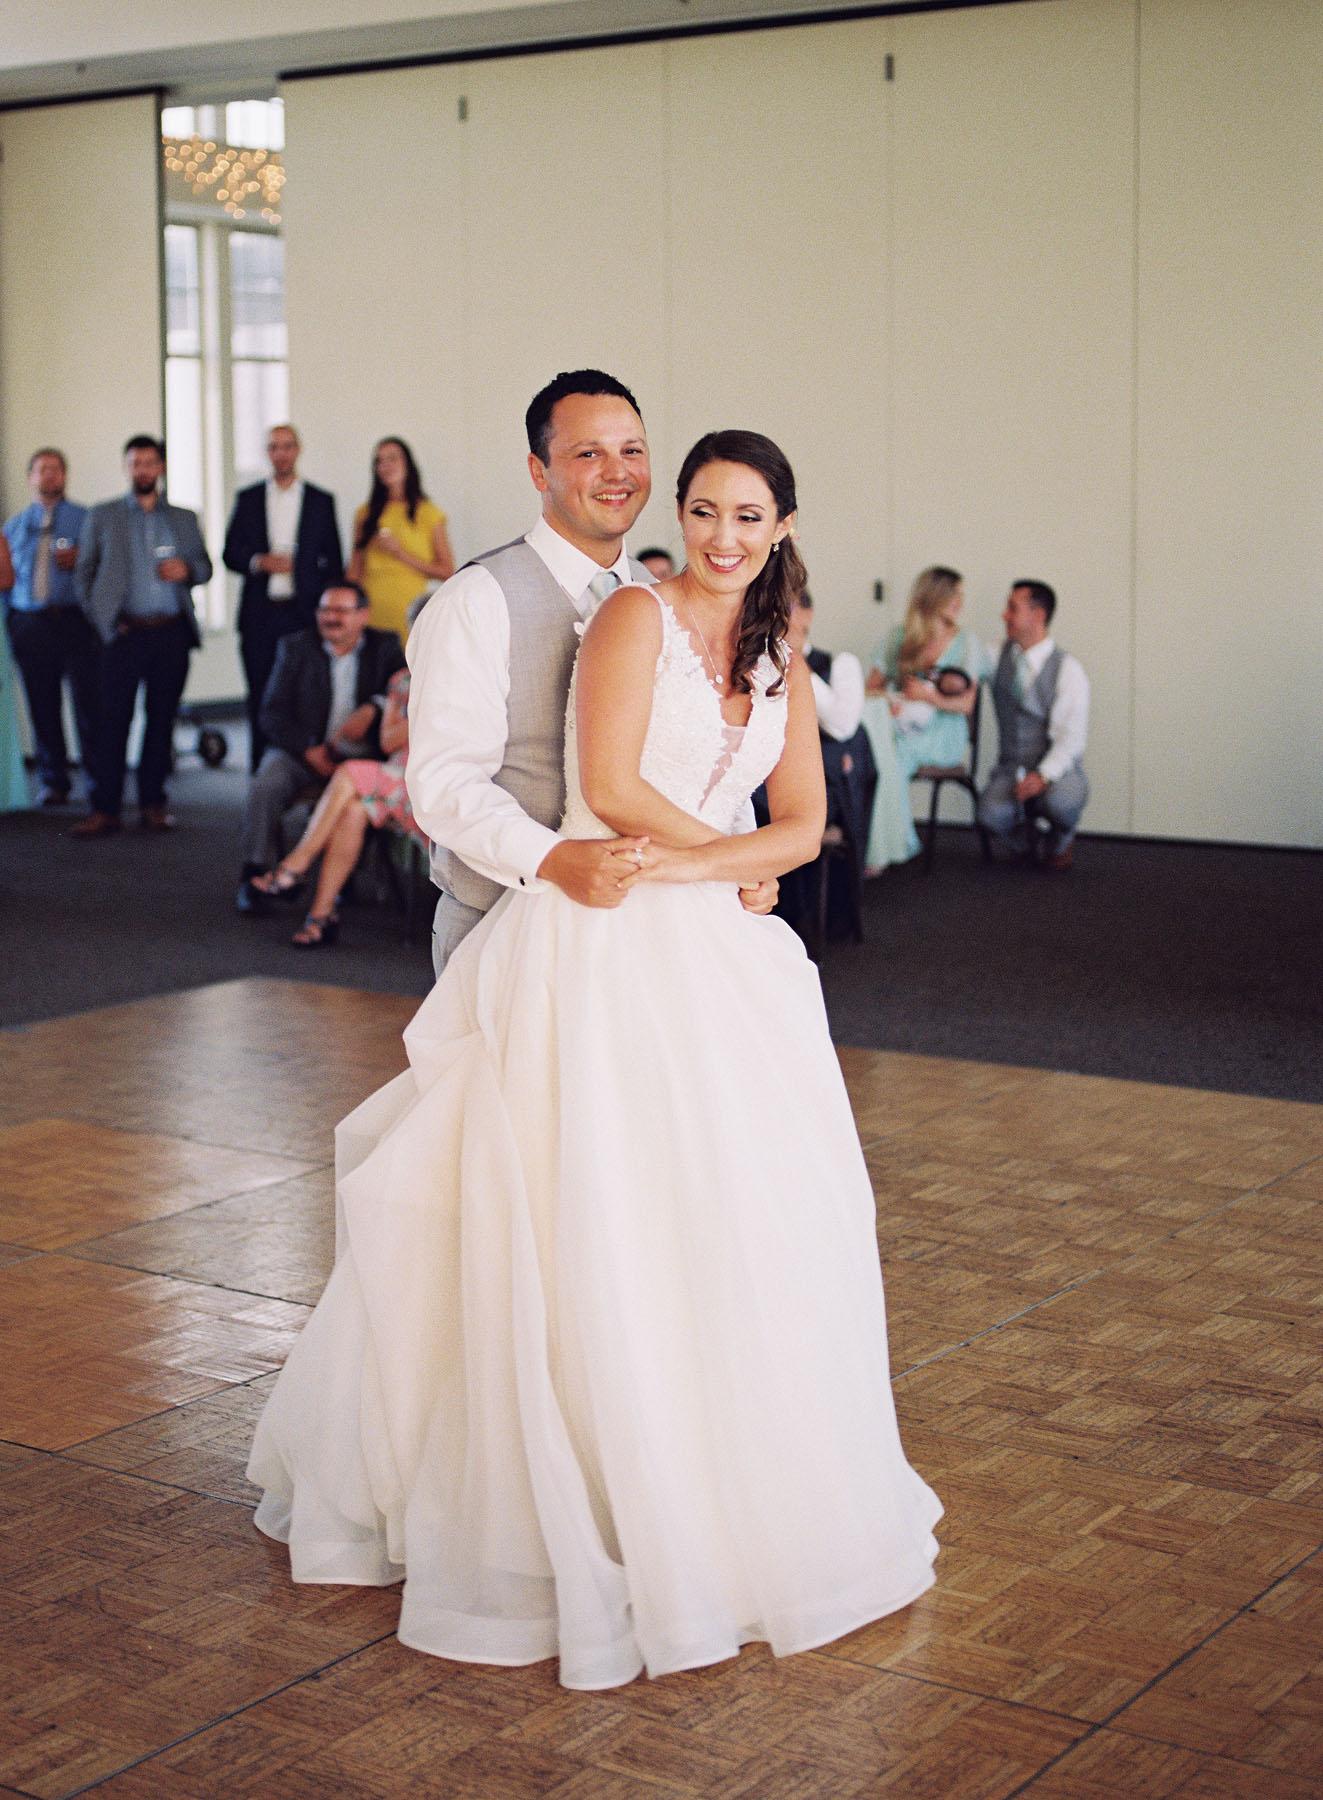 8-11-18 Vanessa and Andrew - 222.jpg